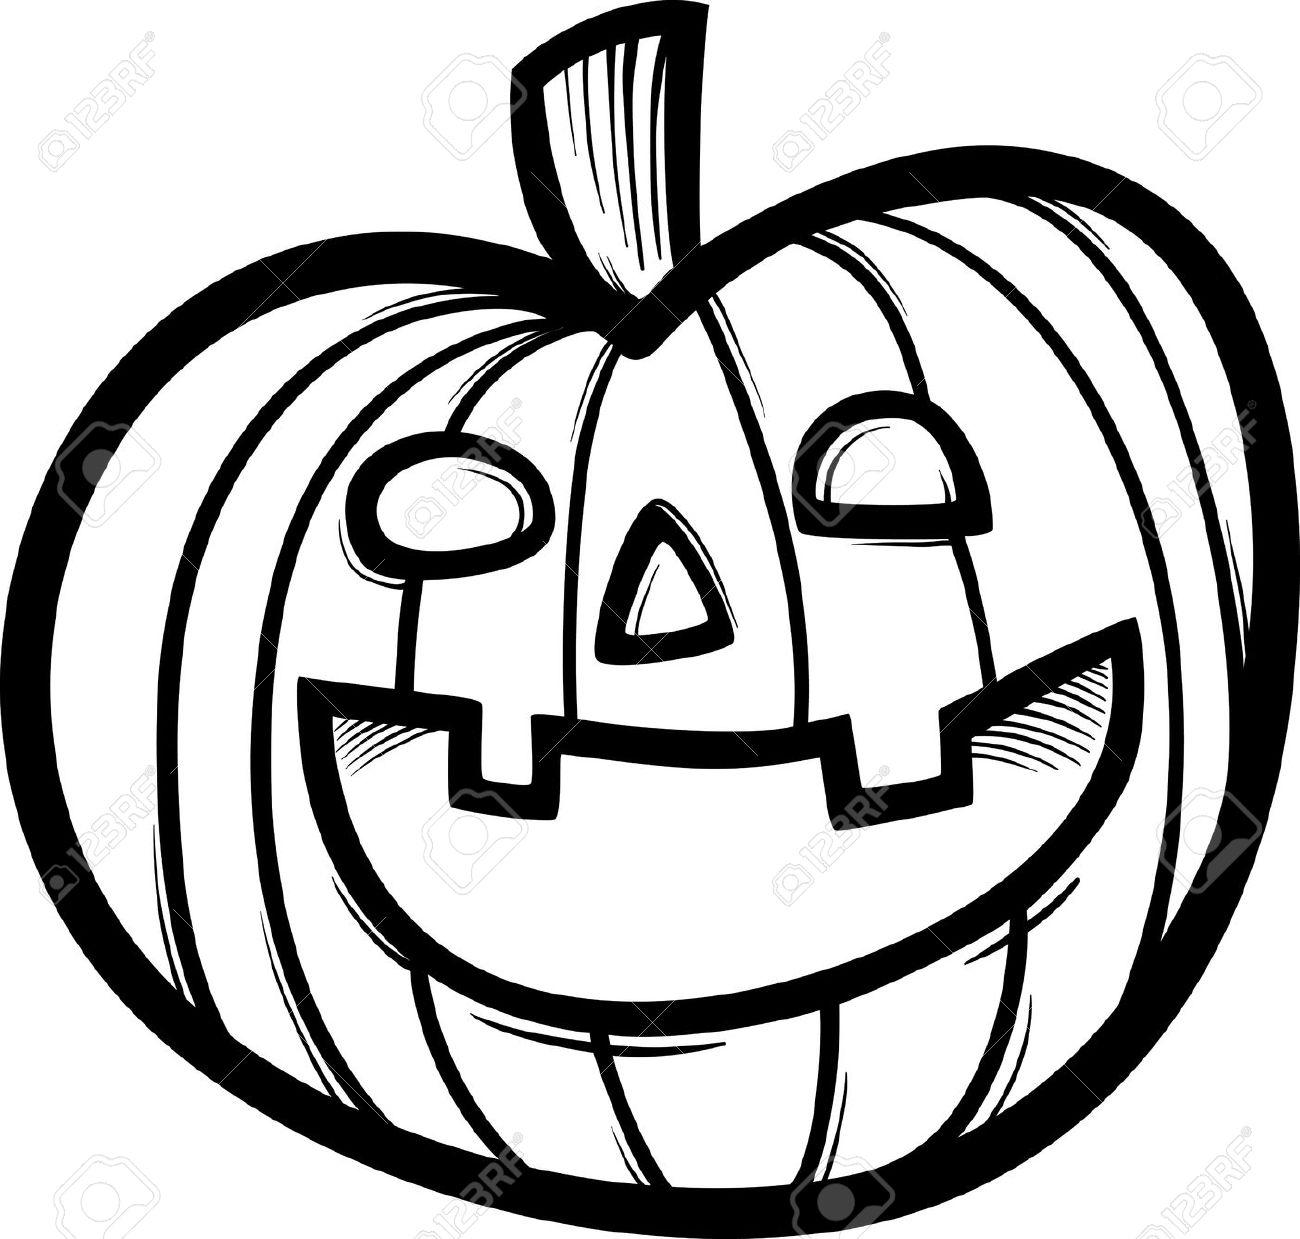 Pumpkin  black and white pumpkin black and white halloween pumpkin clipart 2